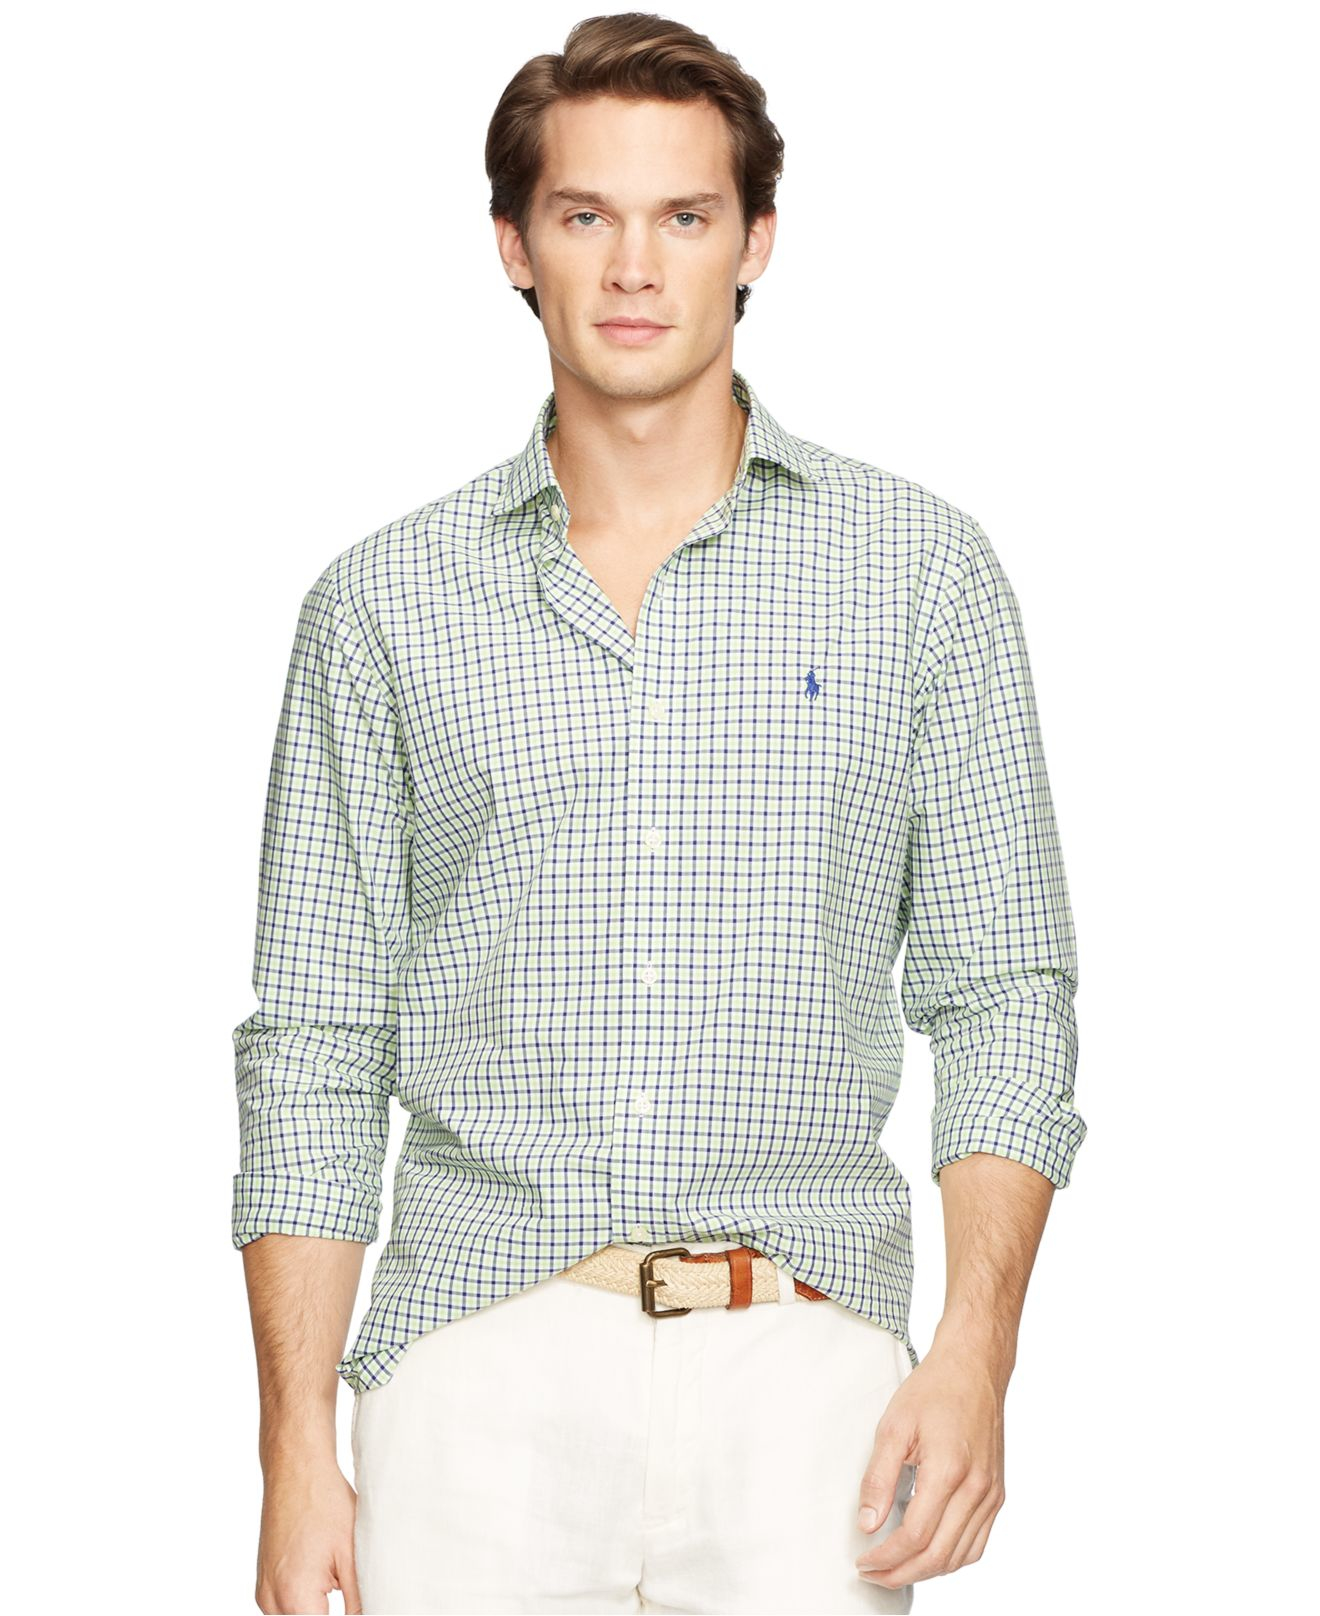 0f0f78e1743 ... new zealand lyst polo ralph lauren mens poplin linen estate shirt in  green 86e64 15bc3